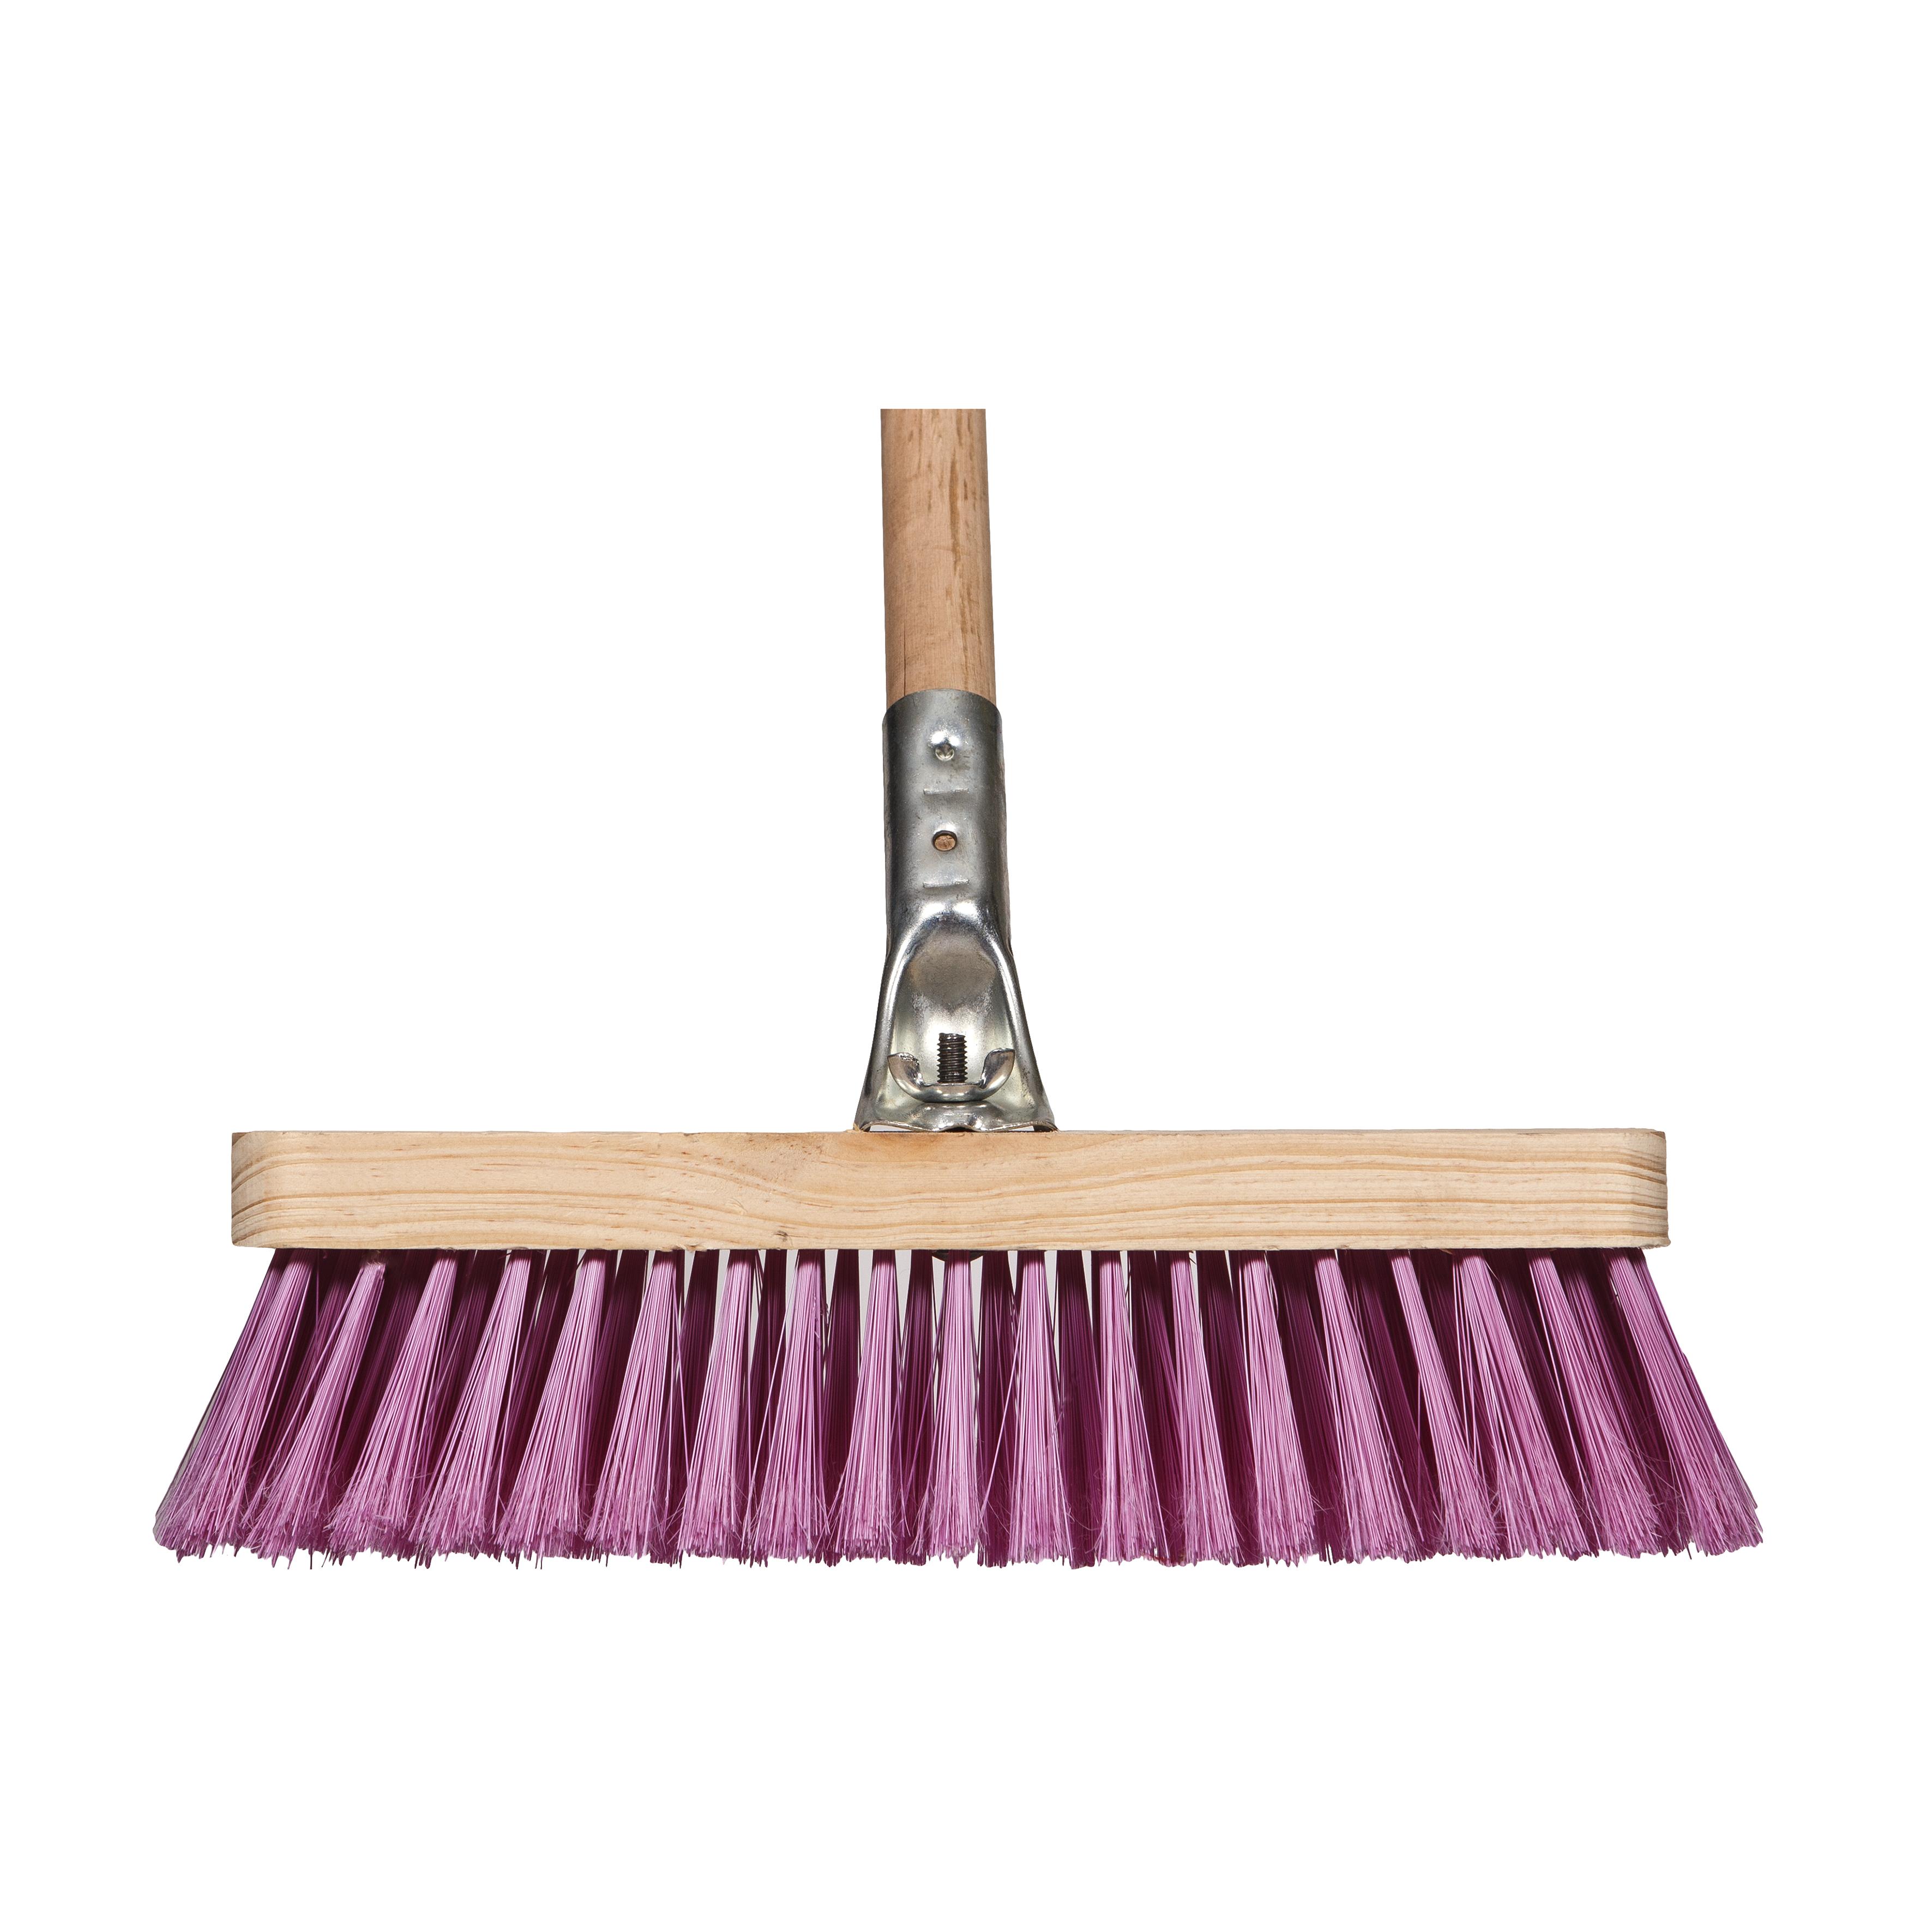 Hectoserve Complete Broom Wooden